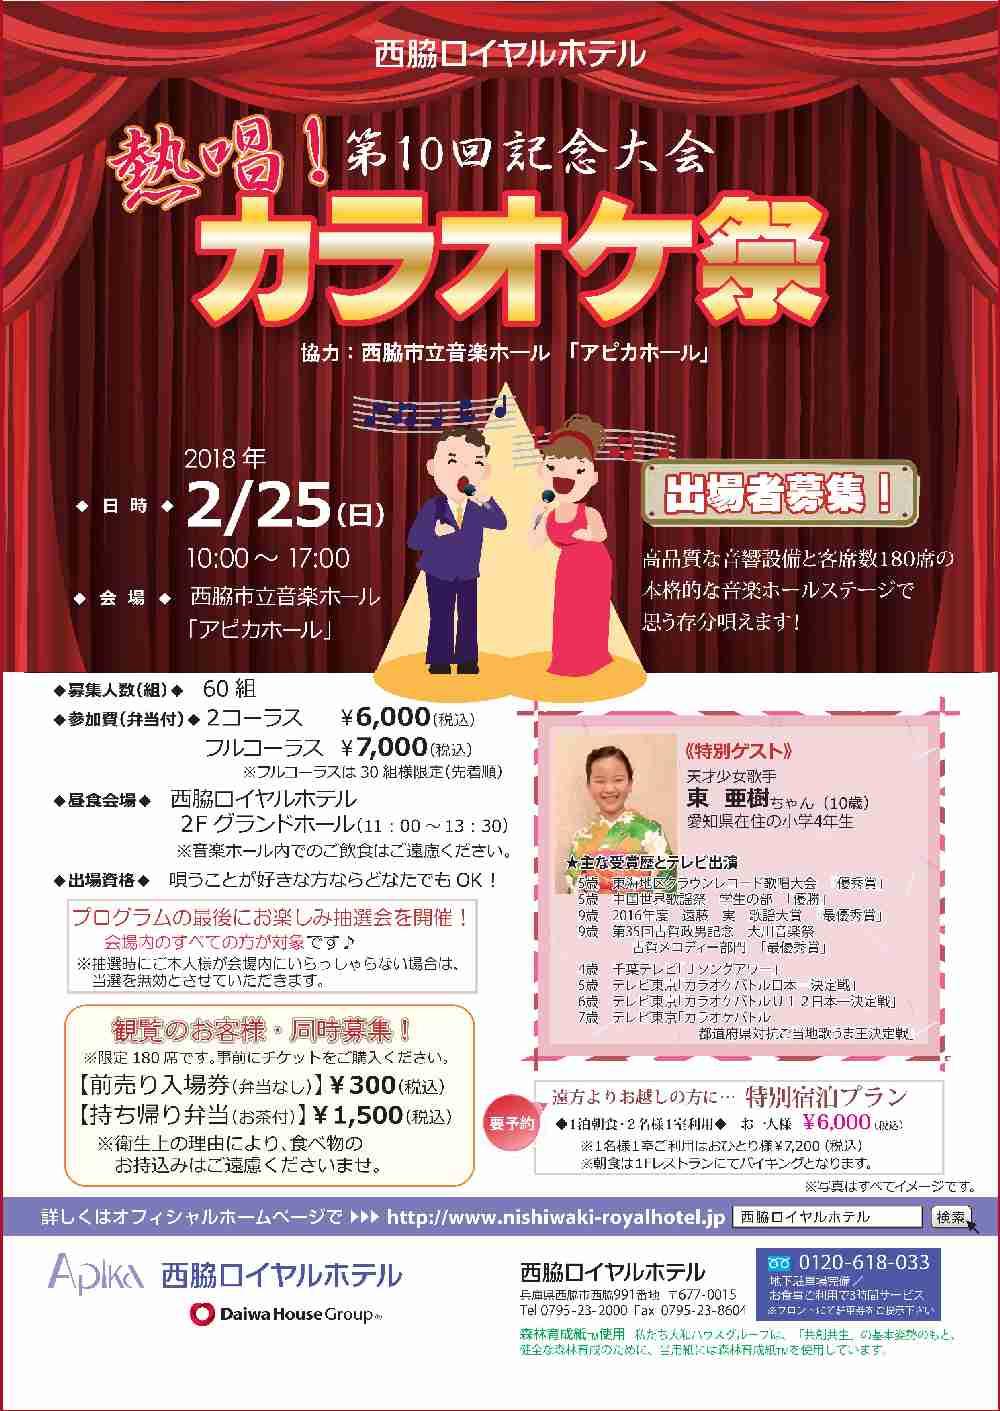 第10回カラオケ祭(2/25)出場者募集:西脇ロイヤルホテル